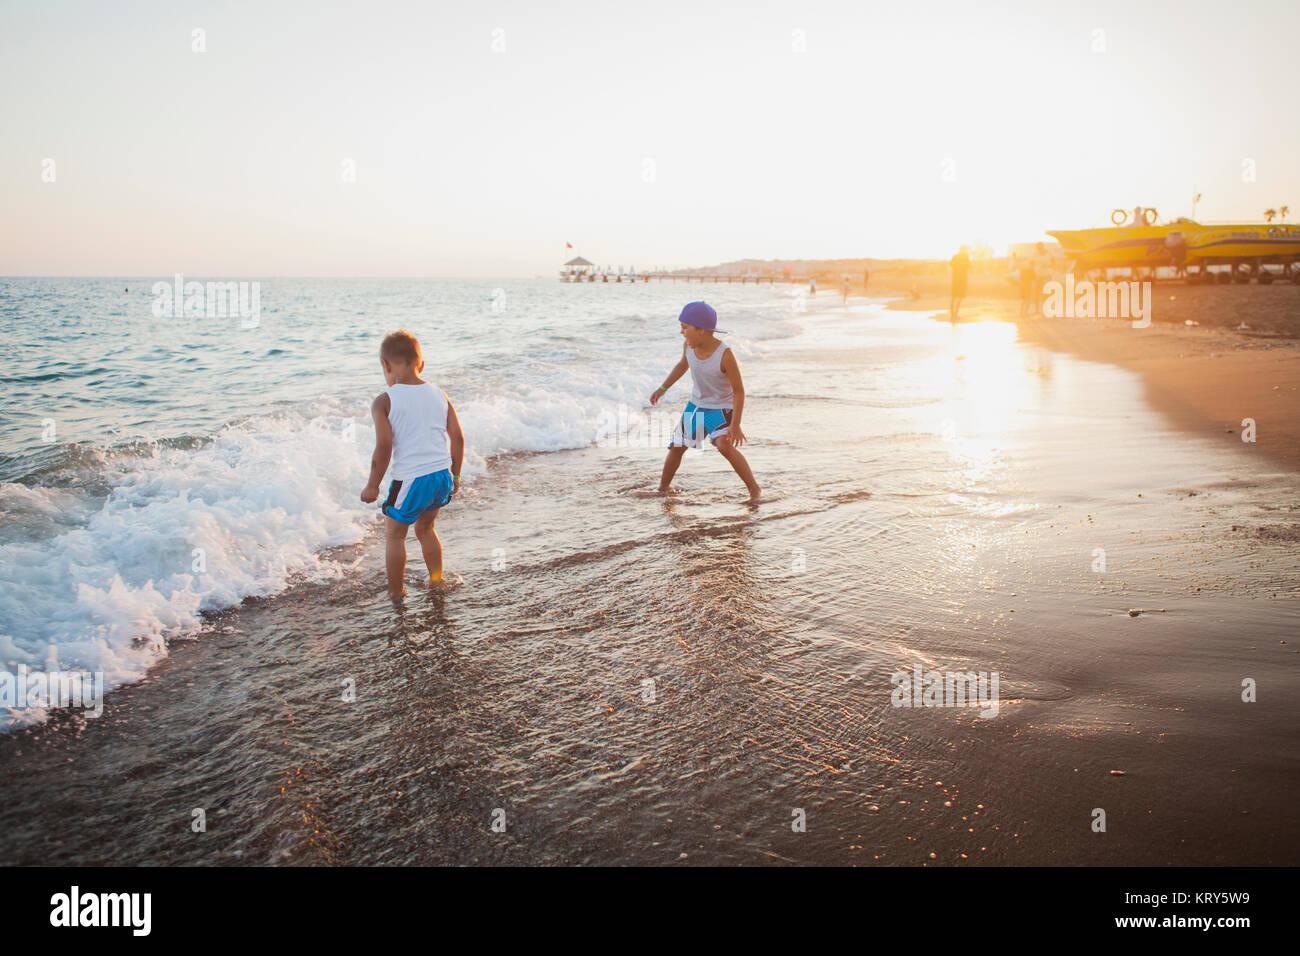 Enfants jouant dans les vagues sur une plage en Turquie Photo Stock